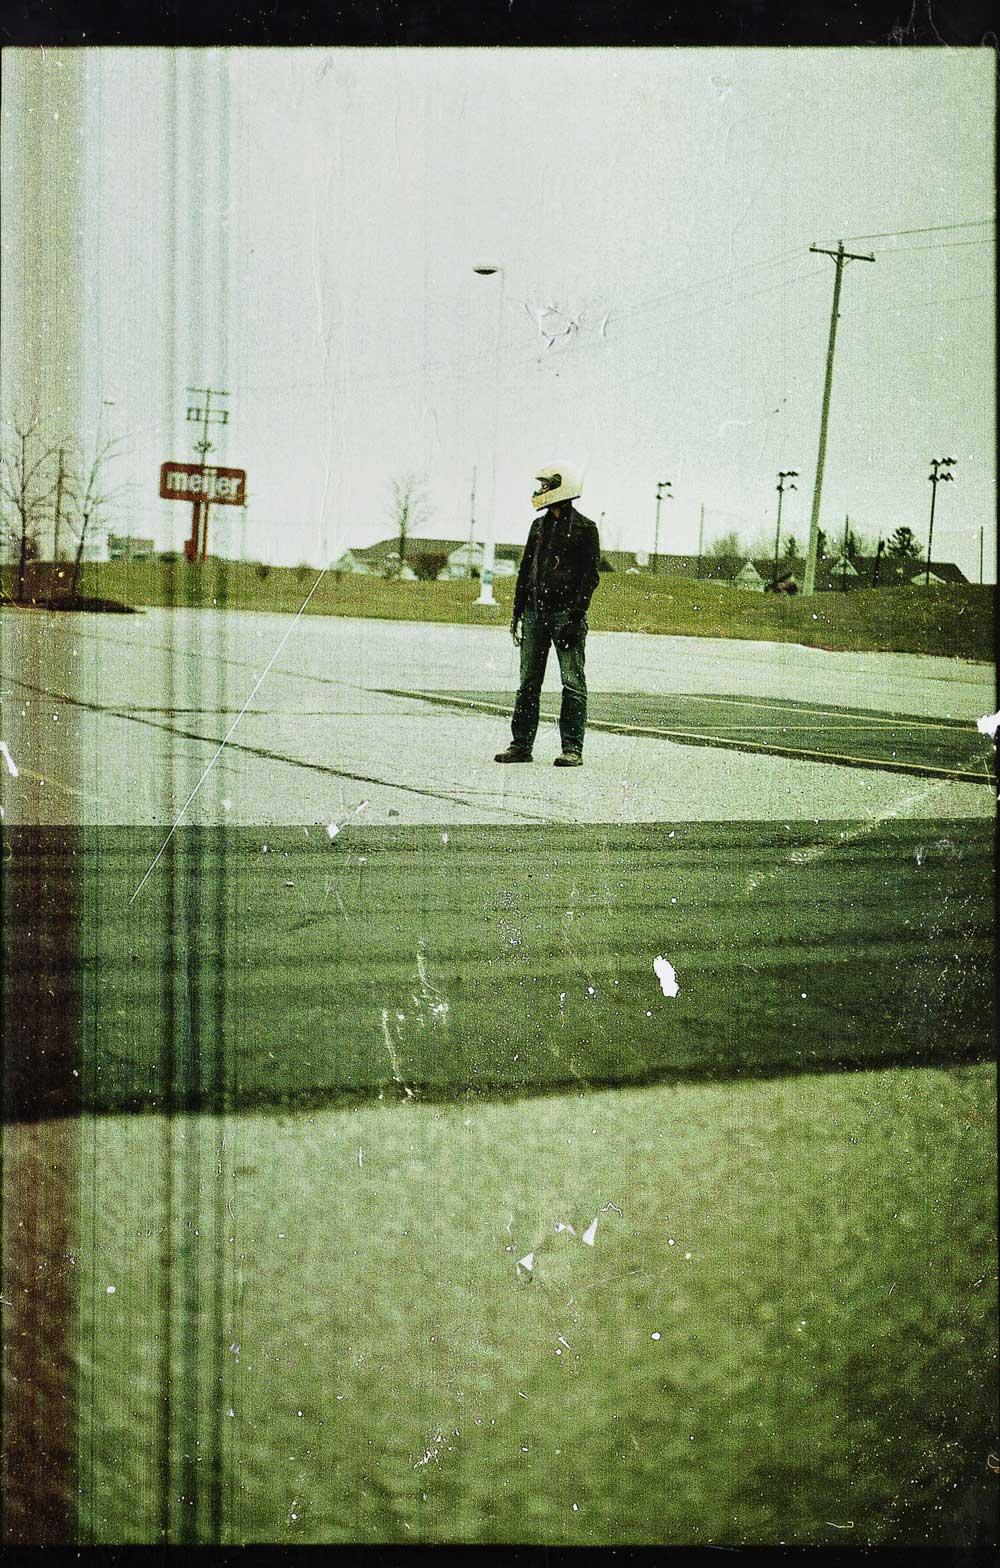 Dan Streeting - Memories of the Future #30